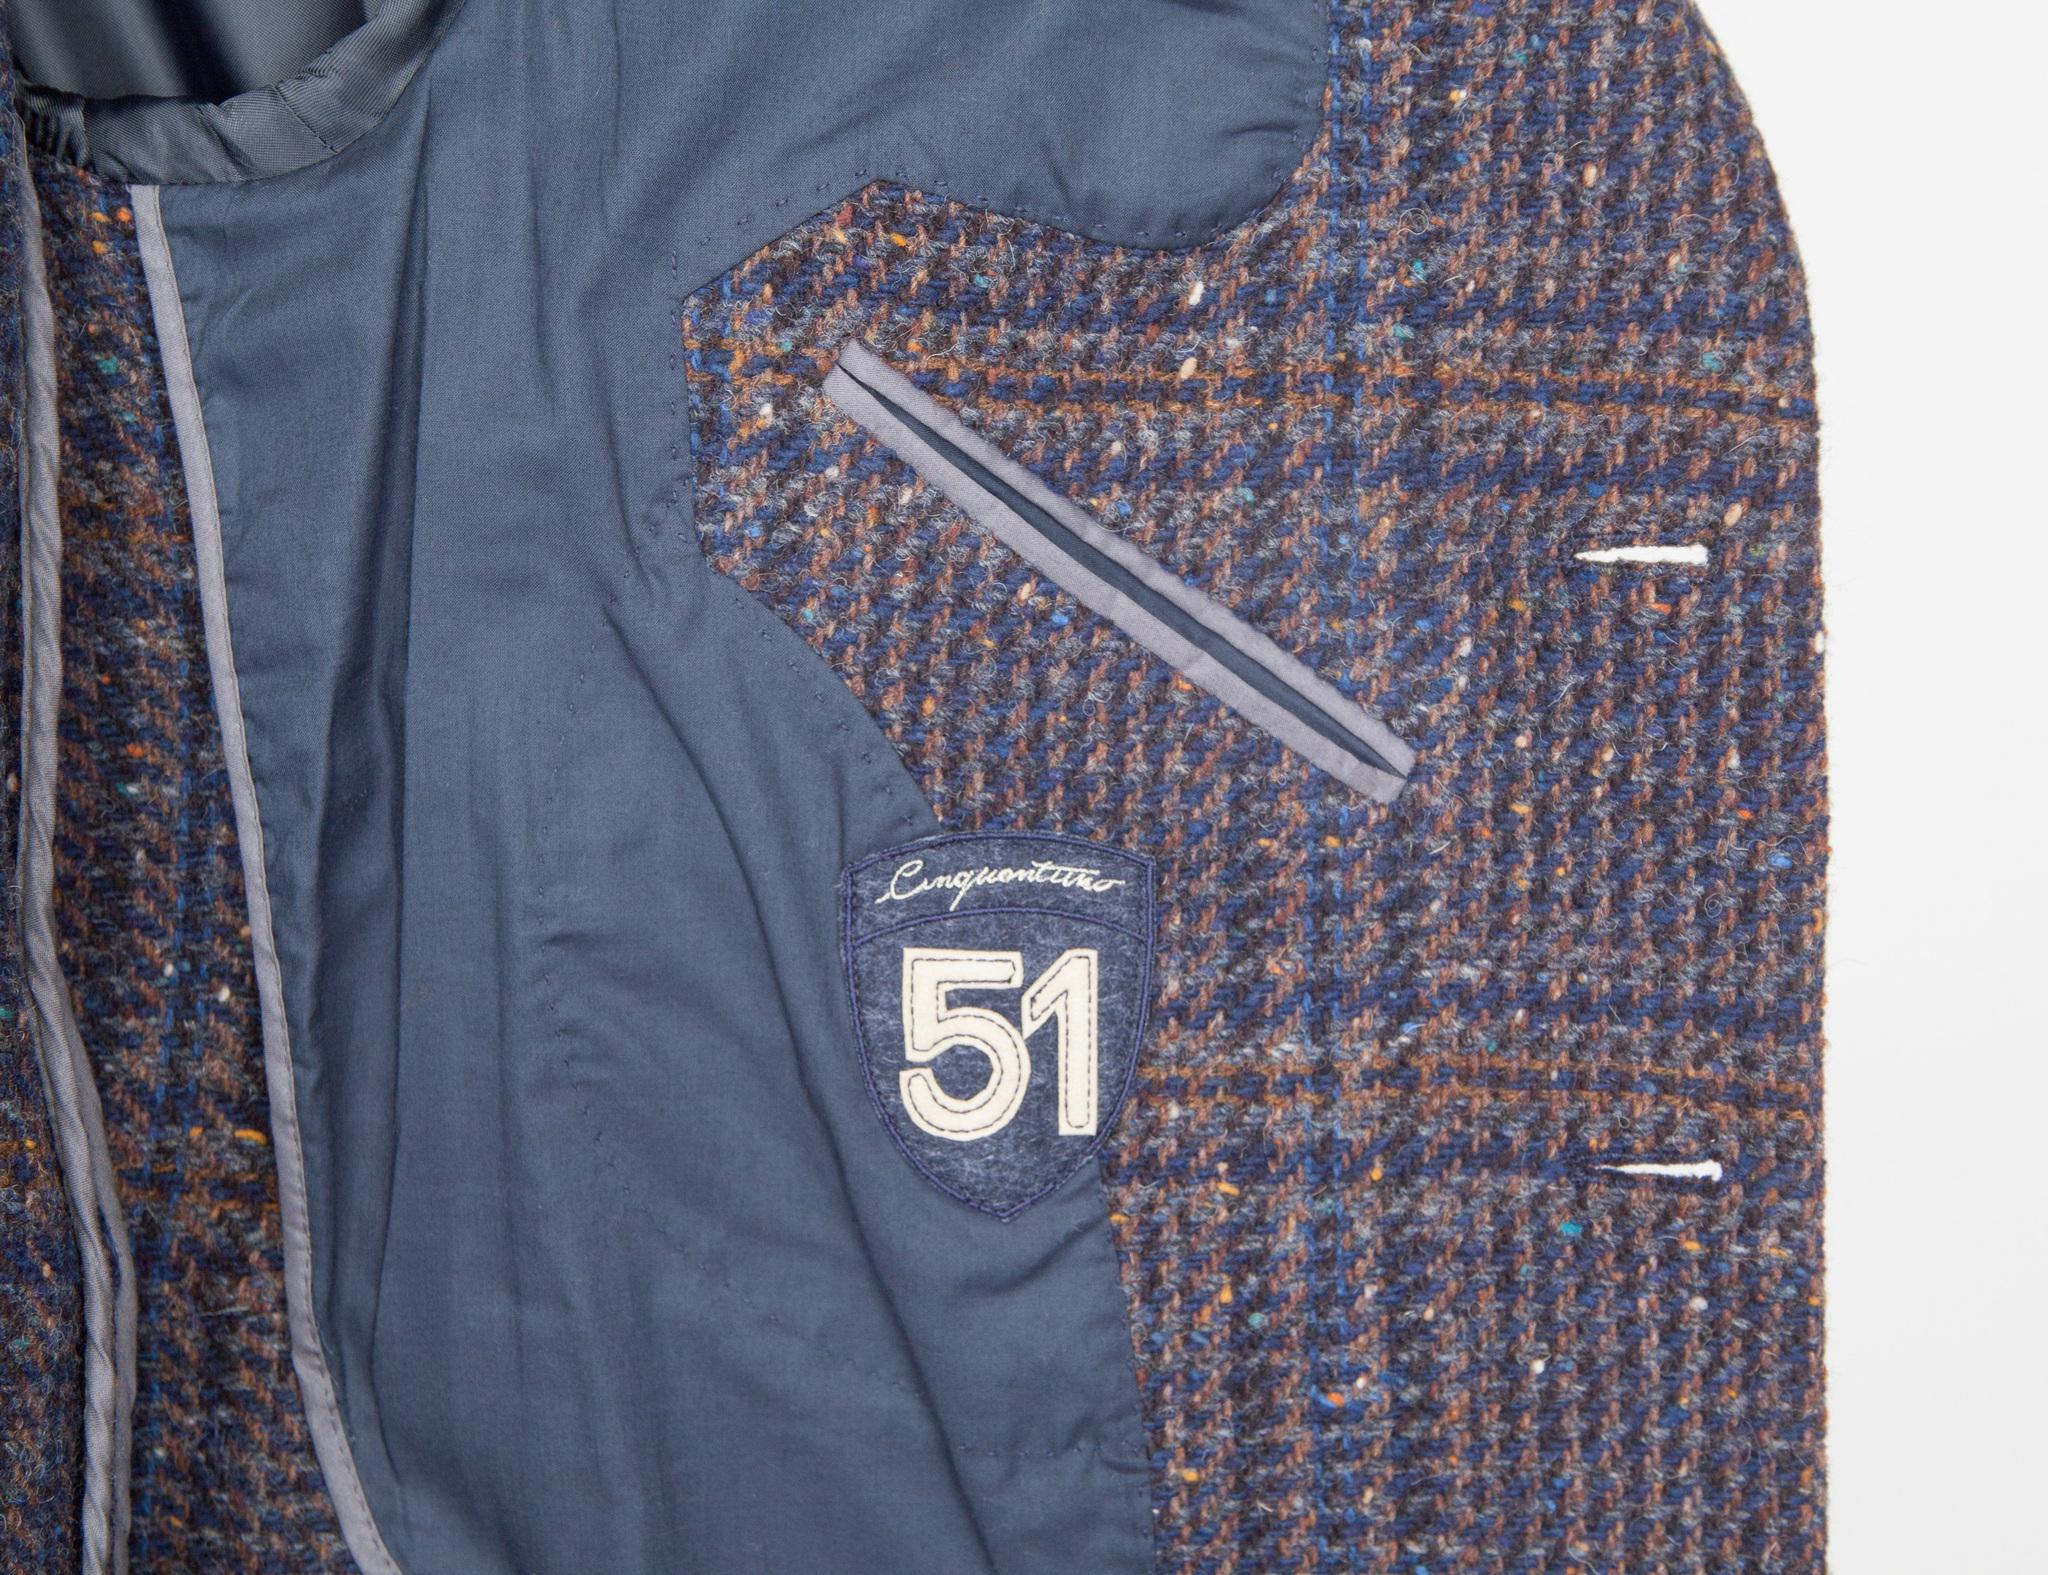 Классическое синее пальто узкого кроя из натуральной шерсти в шотландскую клетку, логотип